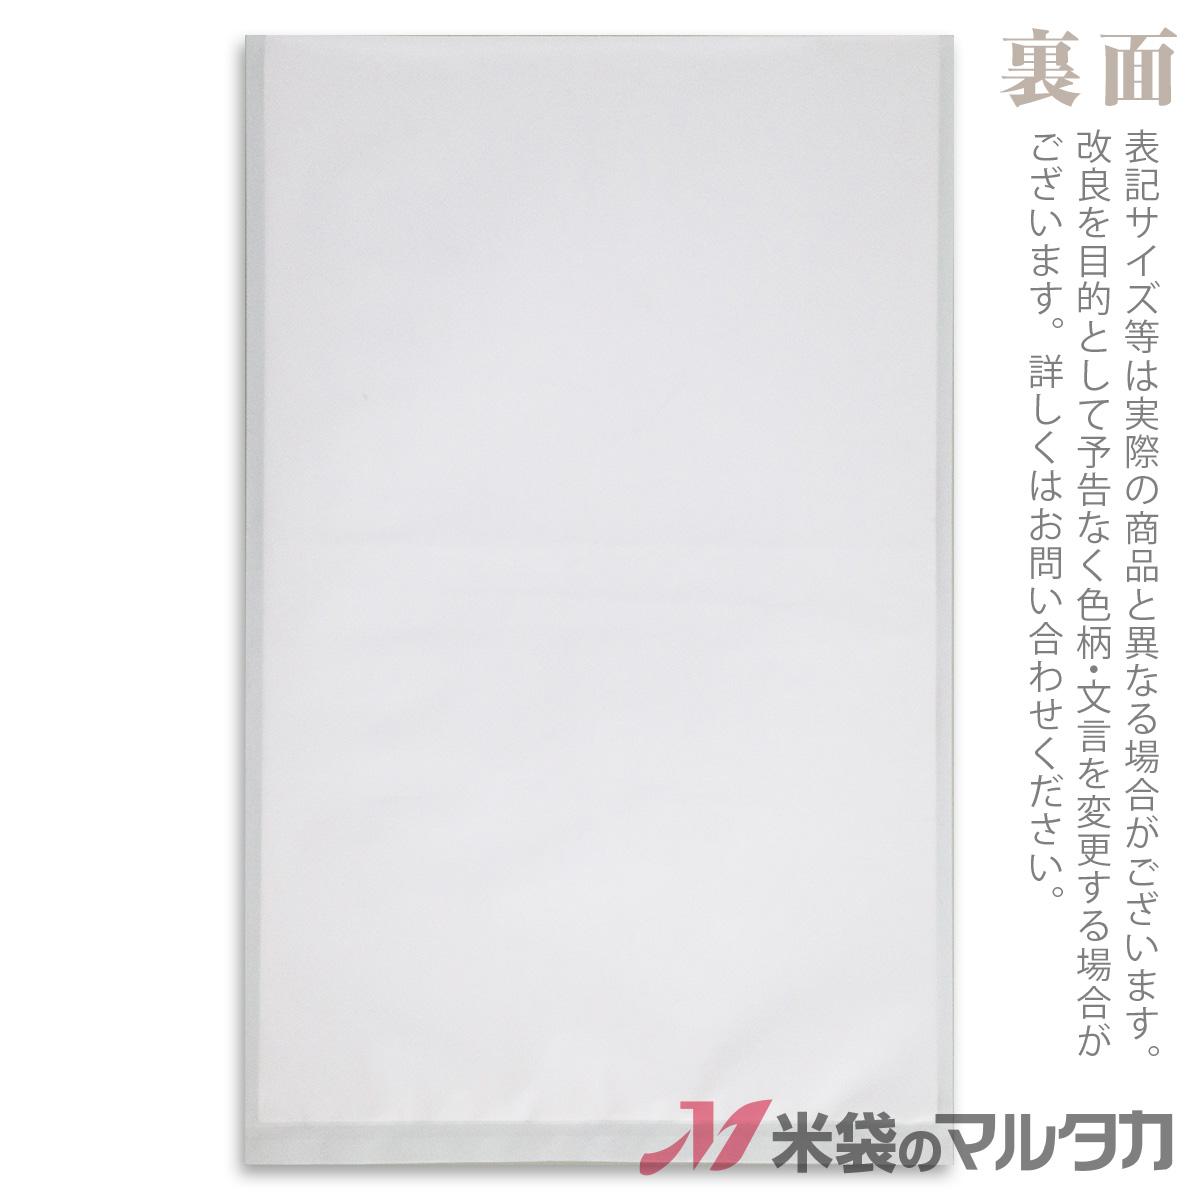 <キャンペーン対応> 米袋 バイオマスポリ マイクロドット ひのひかり またたき 5kg用 1ケース(500枚入) PE-1105